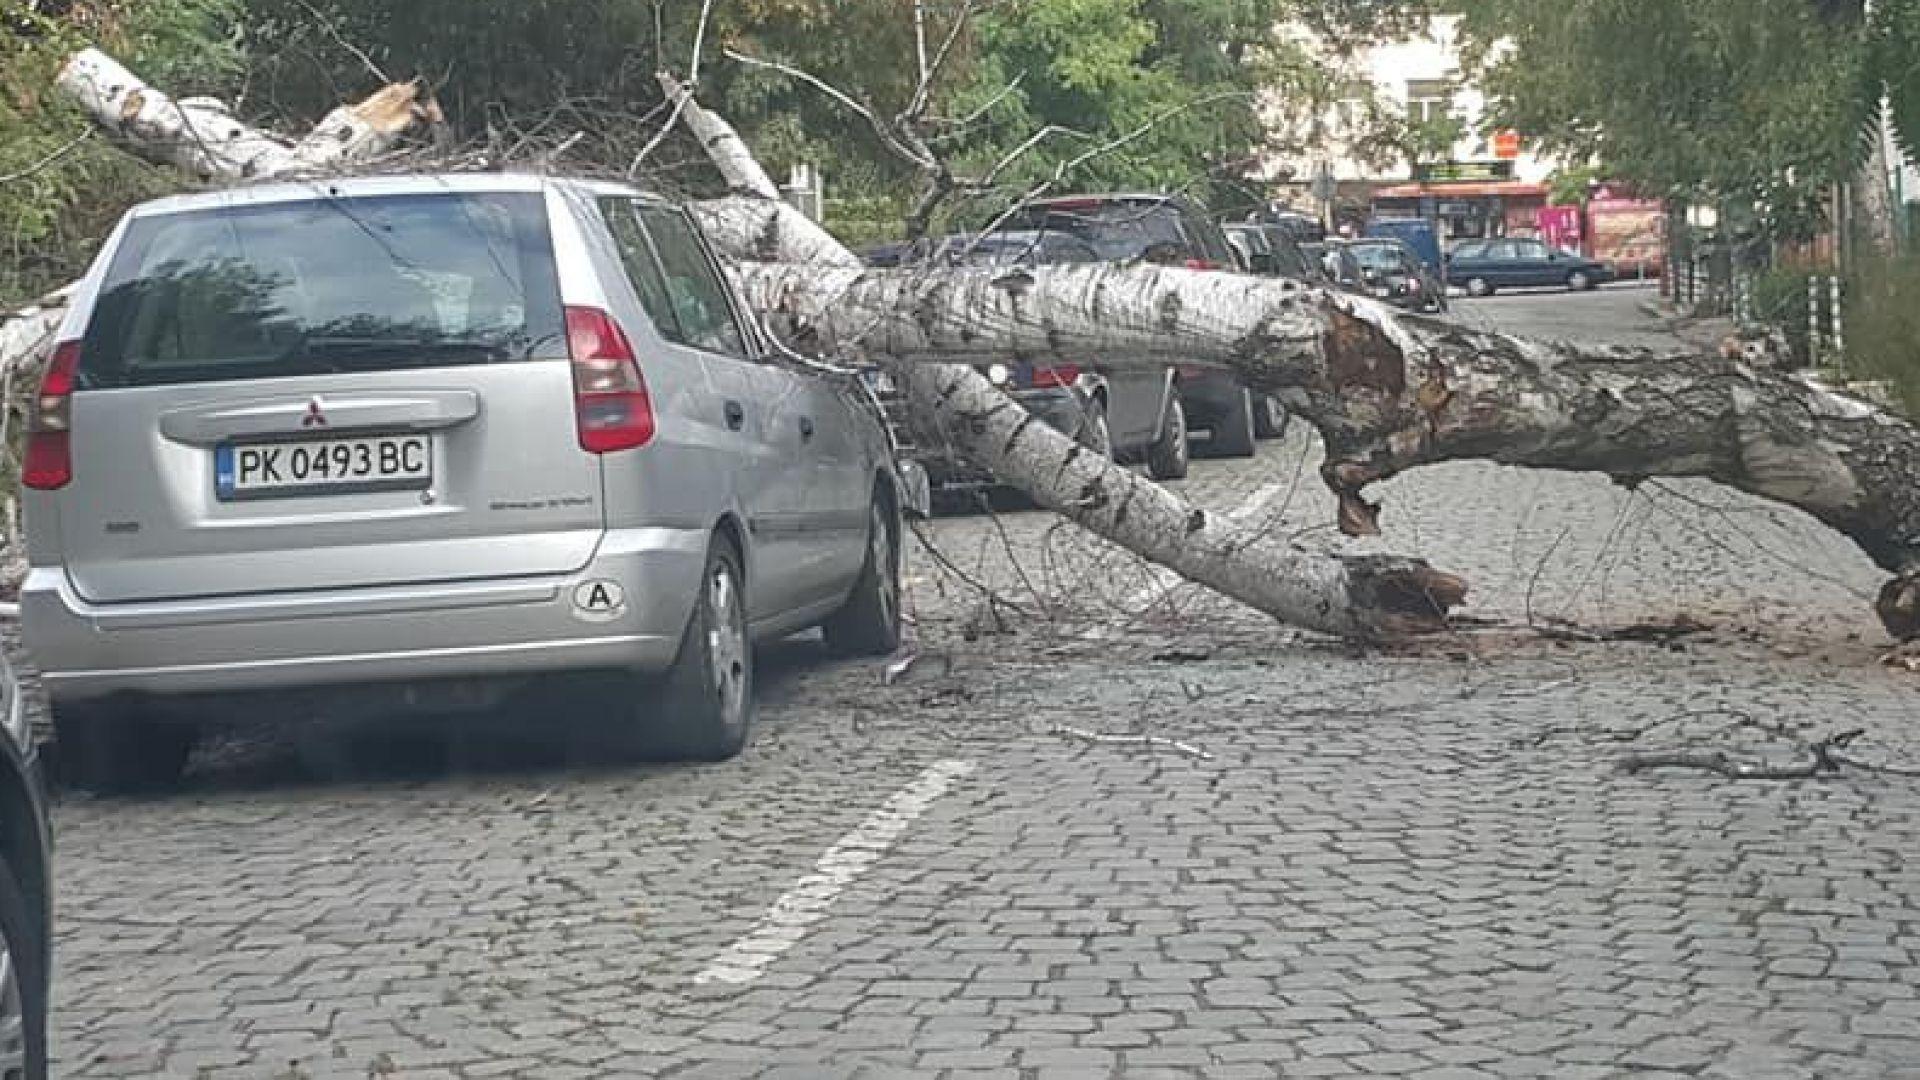 Дърво рухна и смачка паркирана кола в центъра на София (снимки)